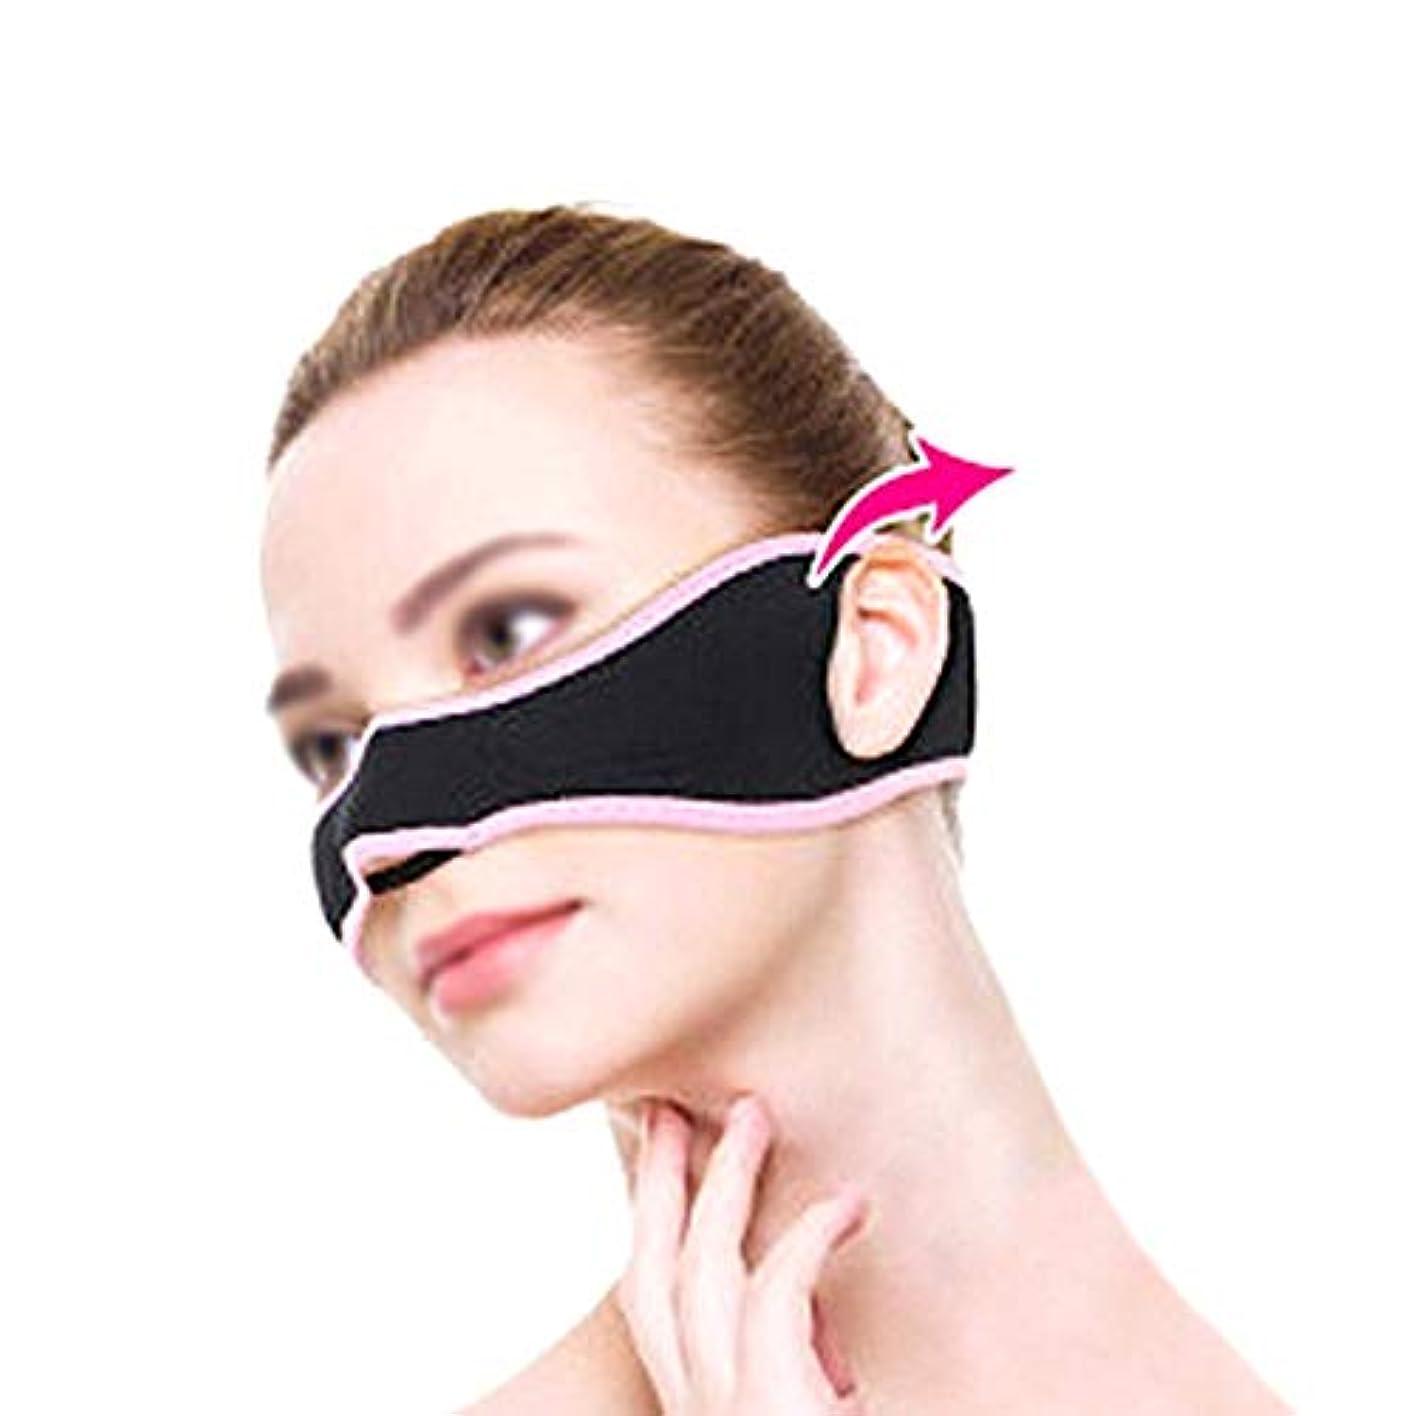 落ち着く水没ハミングバードフェイスリフティングマスク、チークリフトアップマスク、薄くて薄い顔、顔の筋肉を引き締めて持ち上げ、持ち運びが簡単で、男性と女性の両方が使用できます